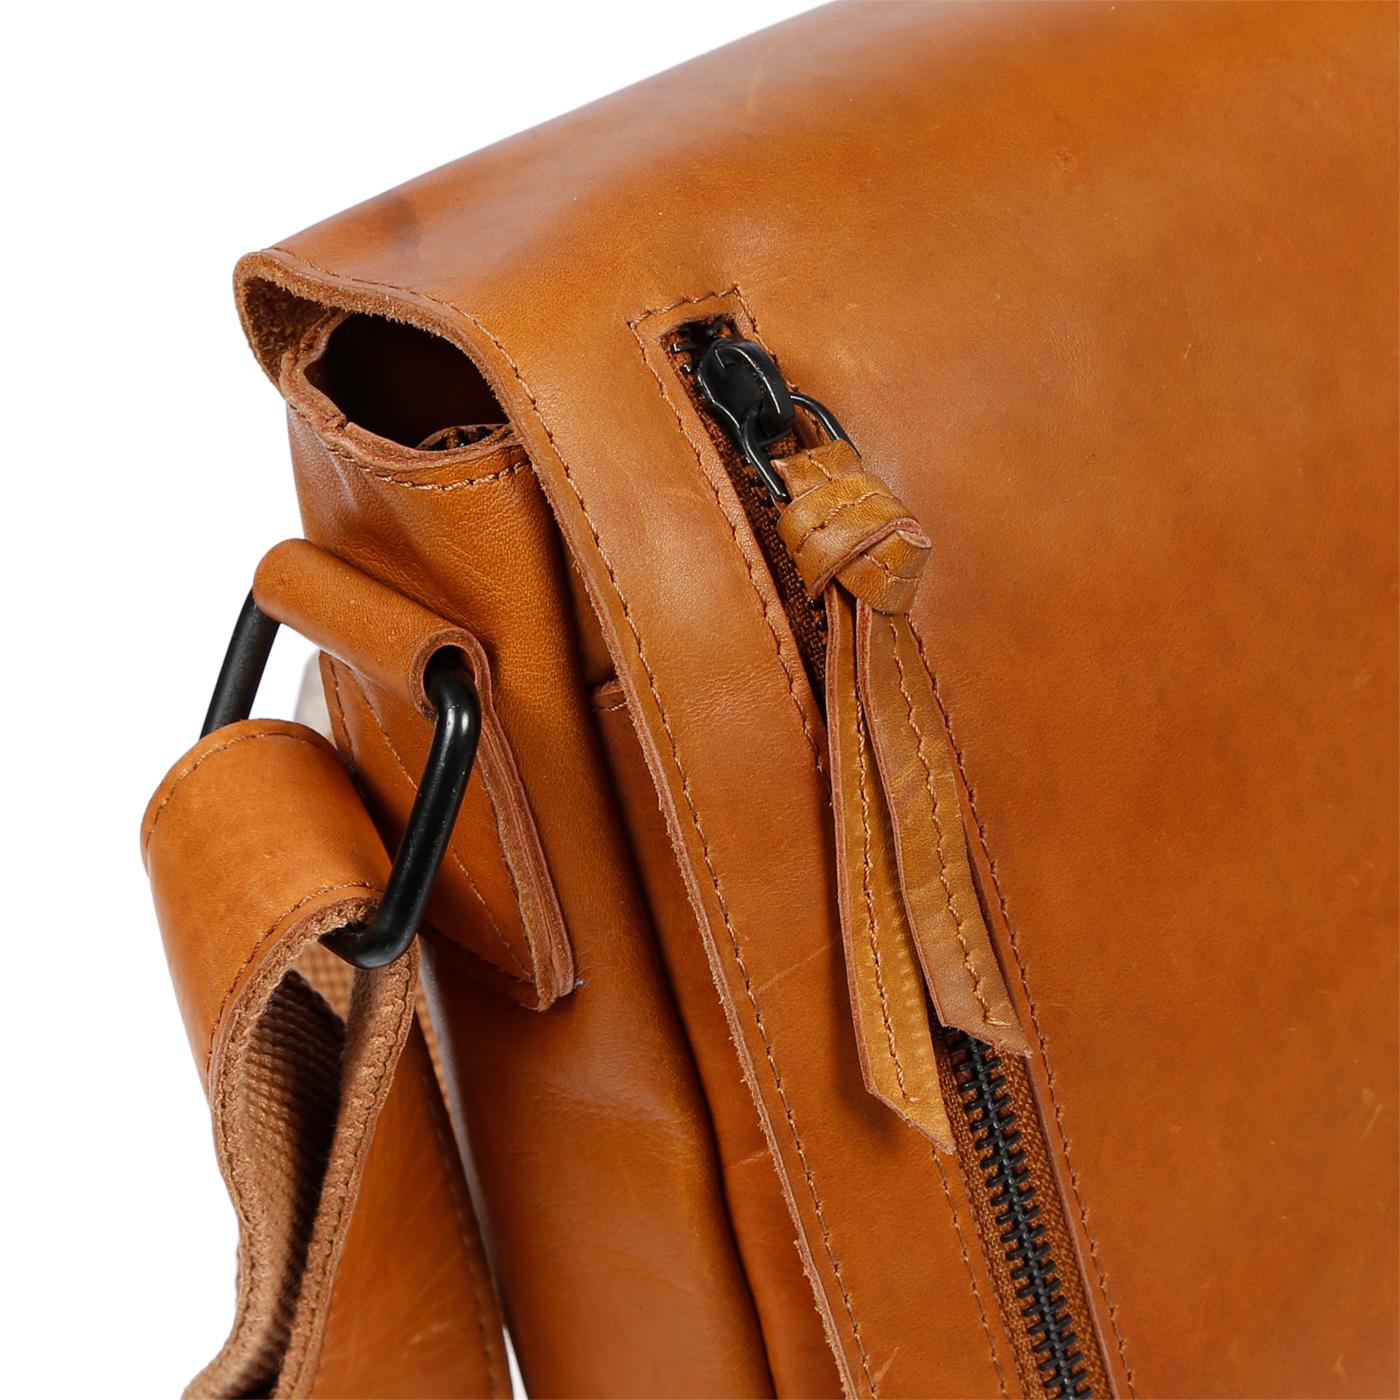 Echt-Leder-Herren-Damen-Umhaengetasche-Tasche-RFID-Schutz-Schultertasche-Umhaenger Indexbild 34